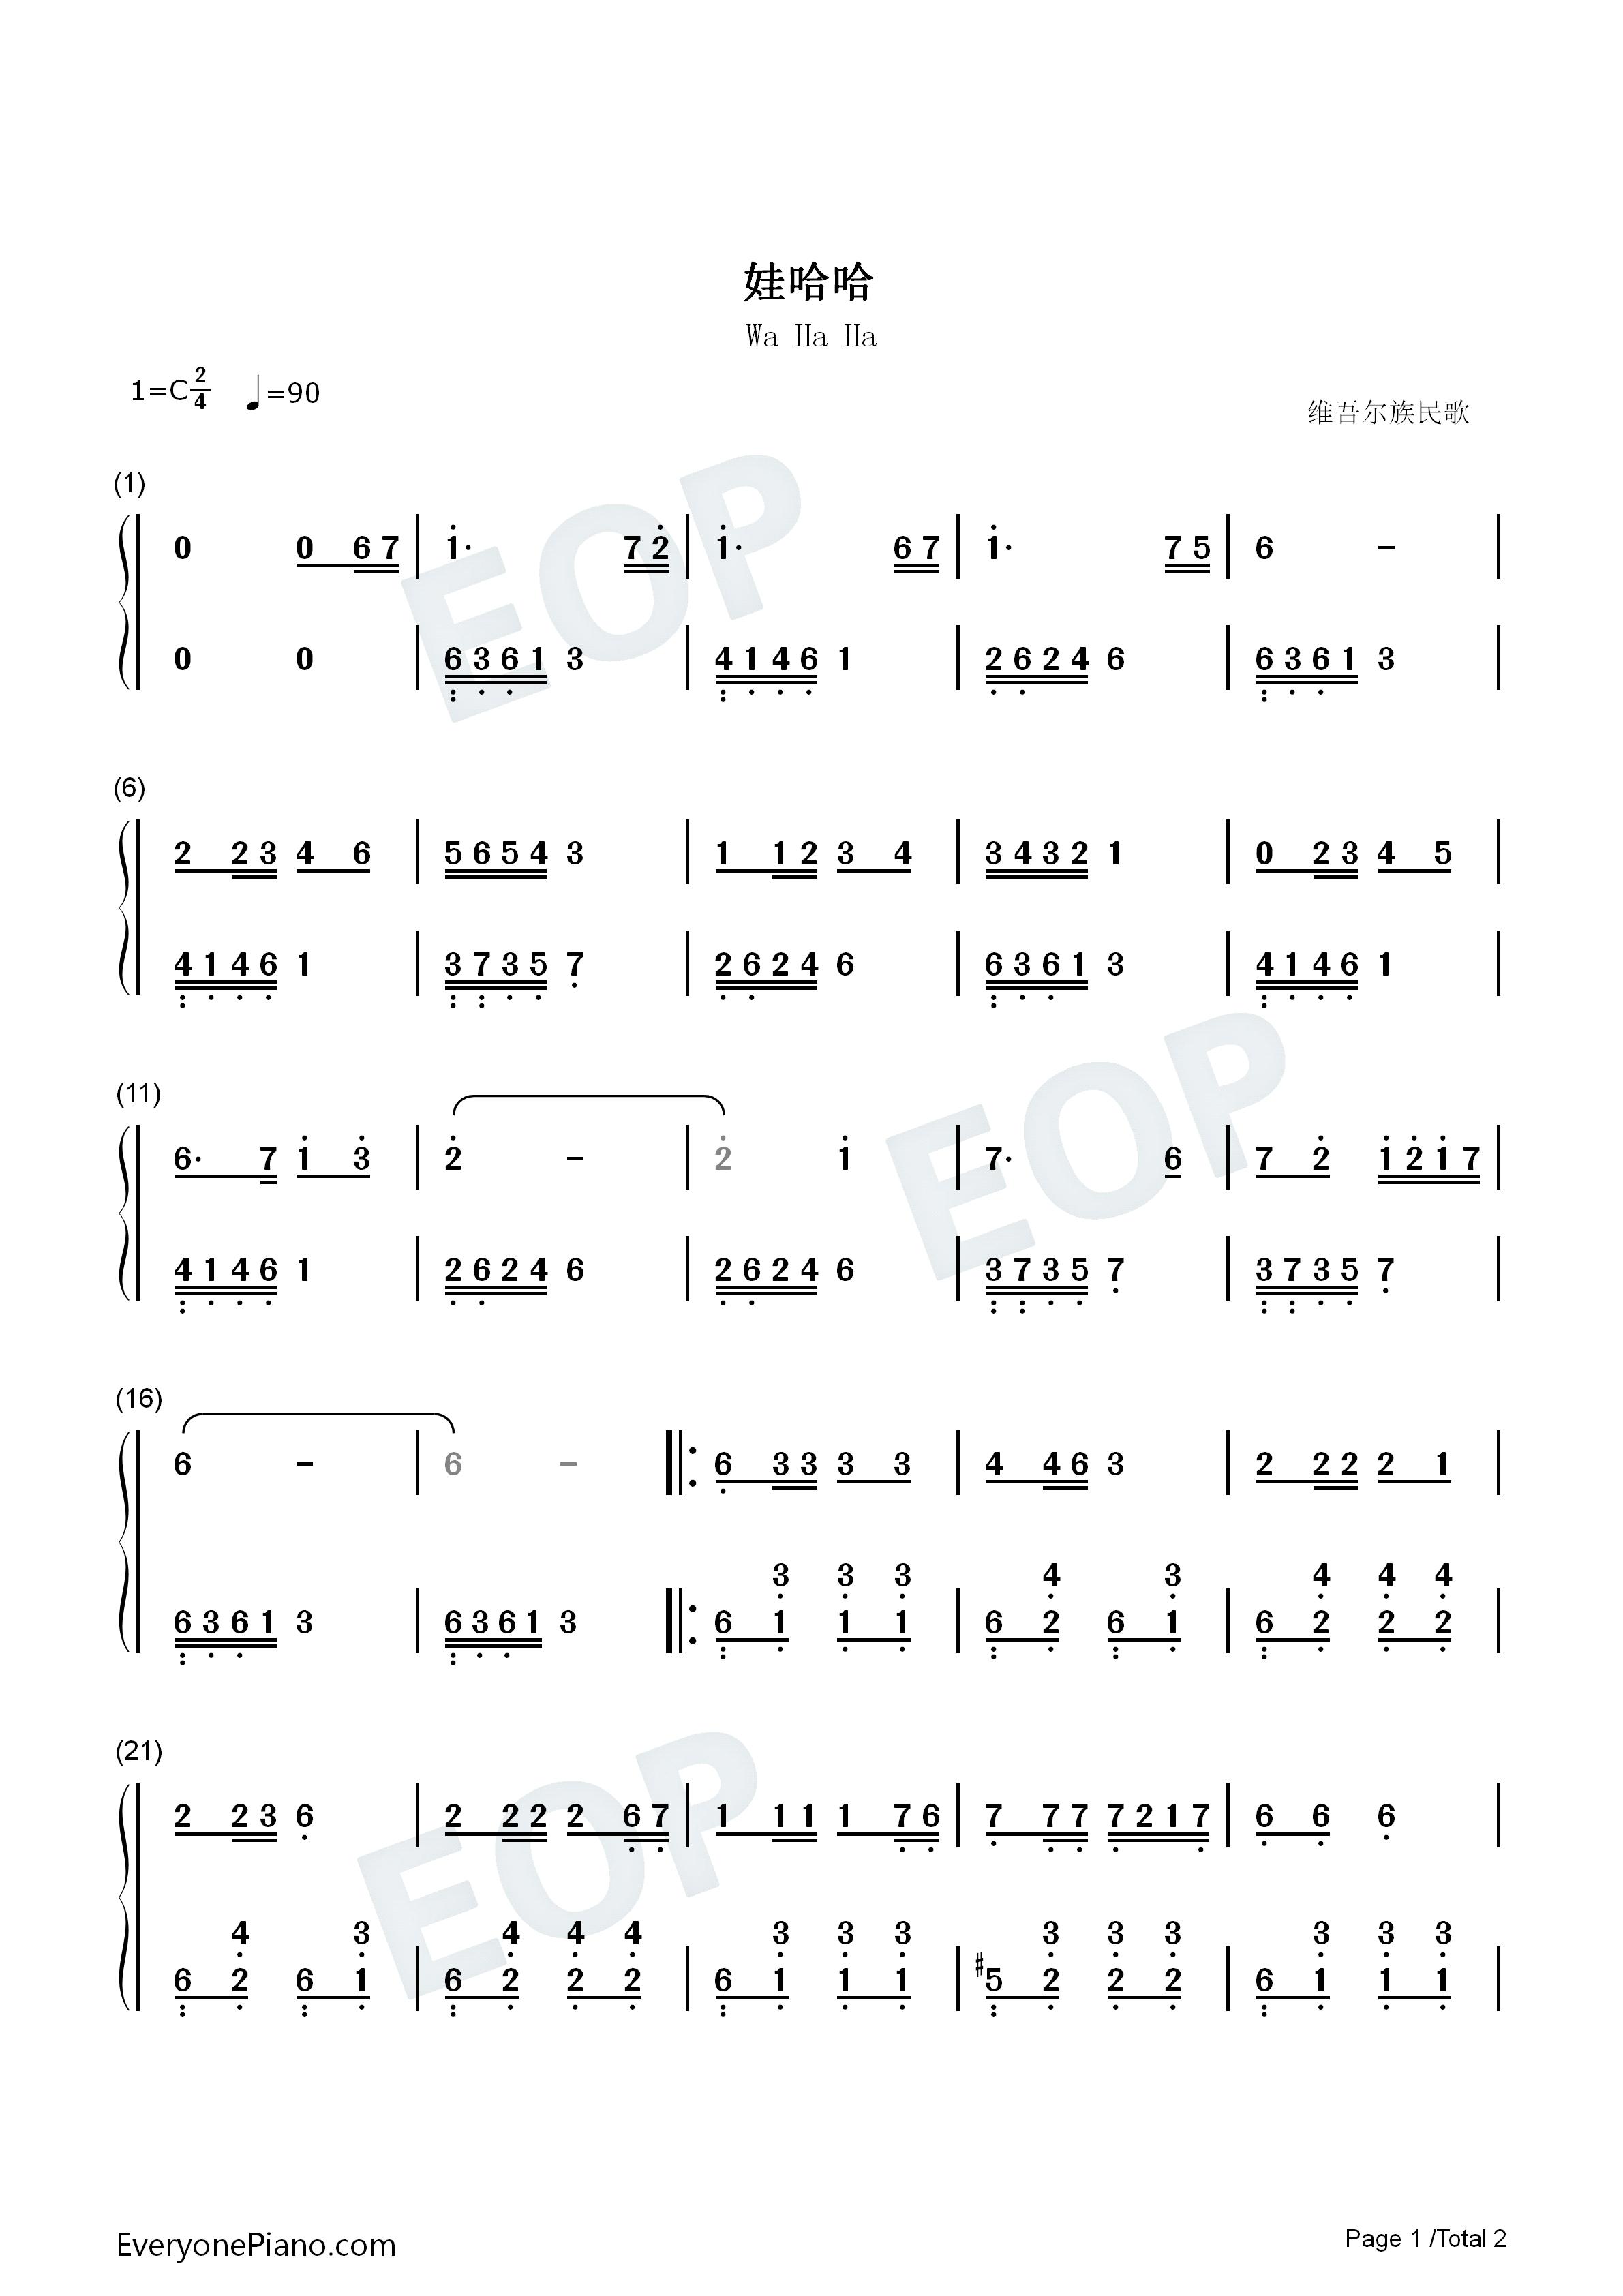 娃哈哈-潘振声双手简谱预览1-钢琴谱(五线谱,双手简谱